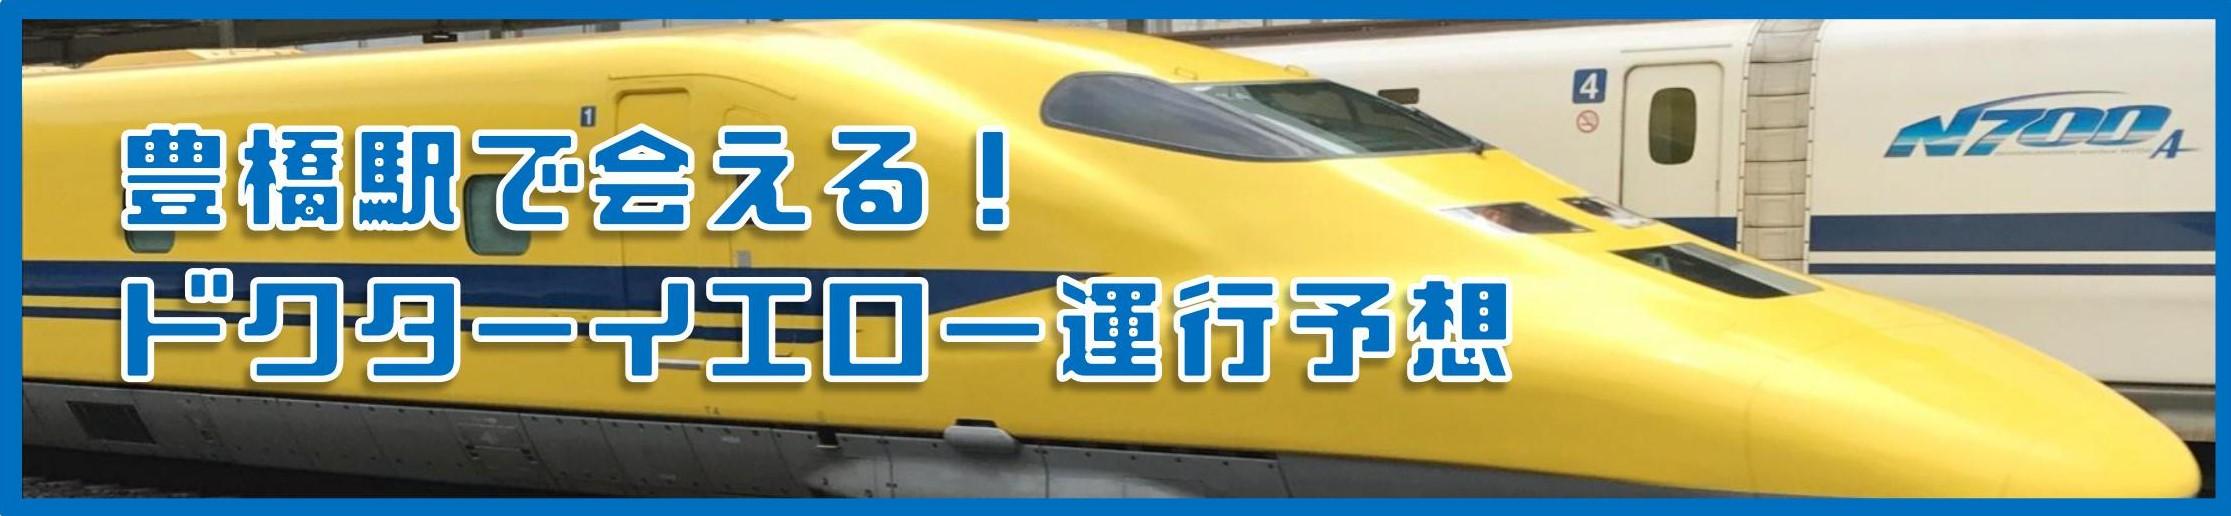 豊橋金券ショップフリーチケット|ドクターイエロー運行予測